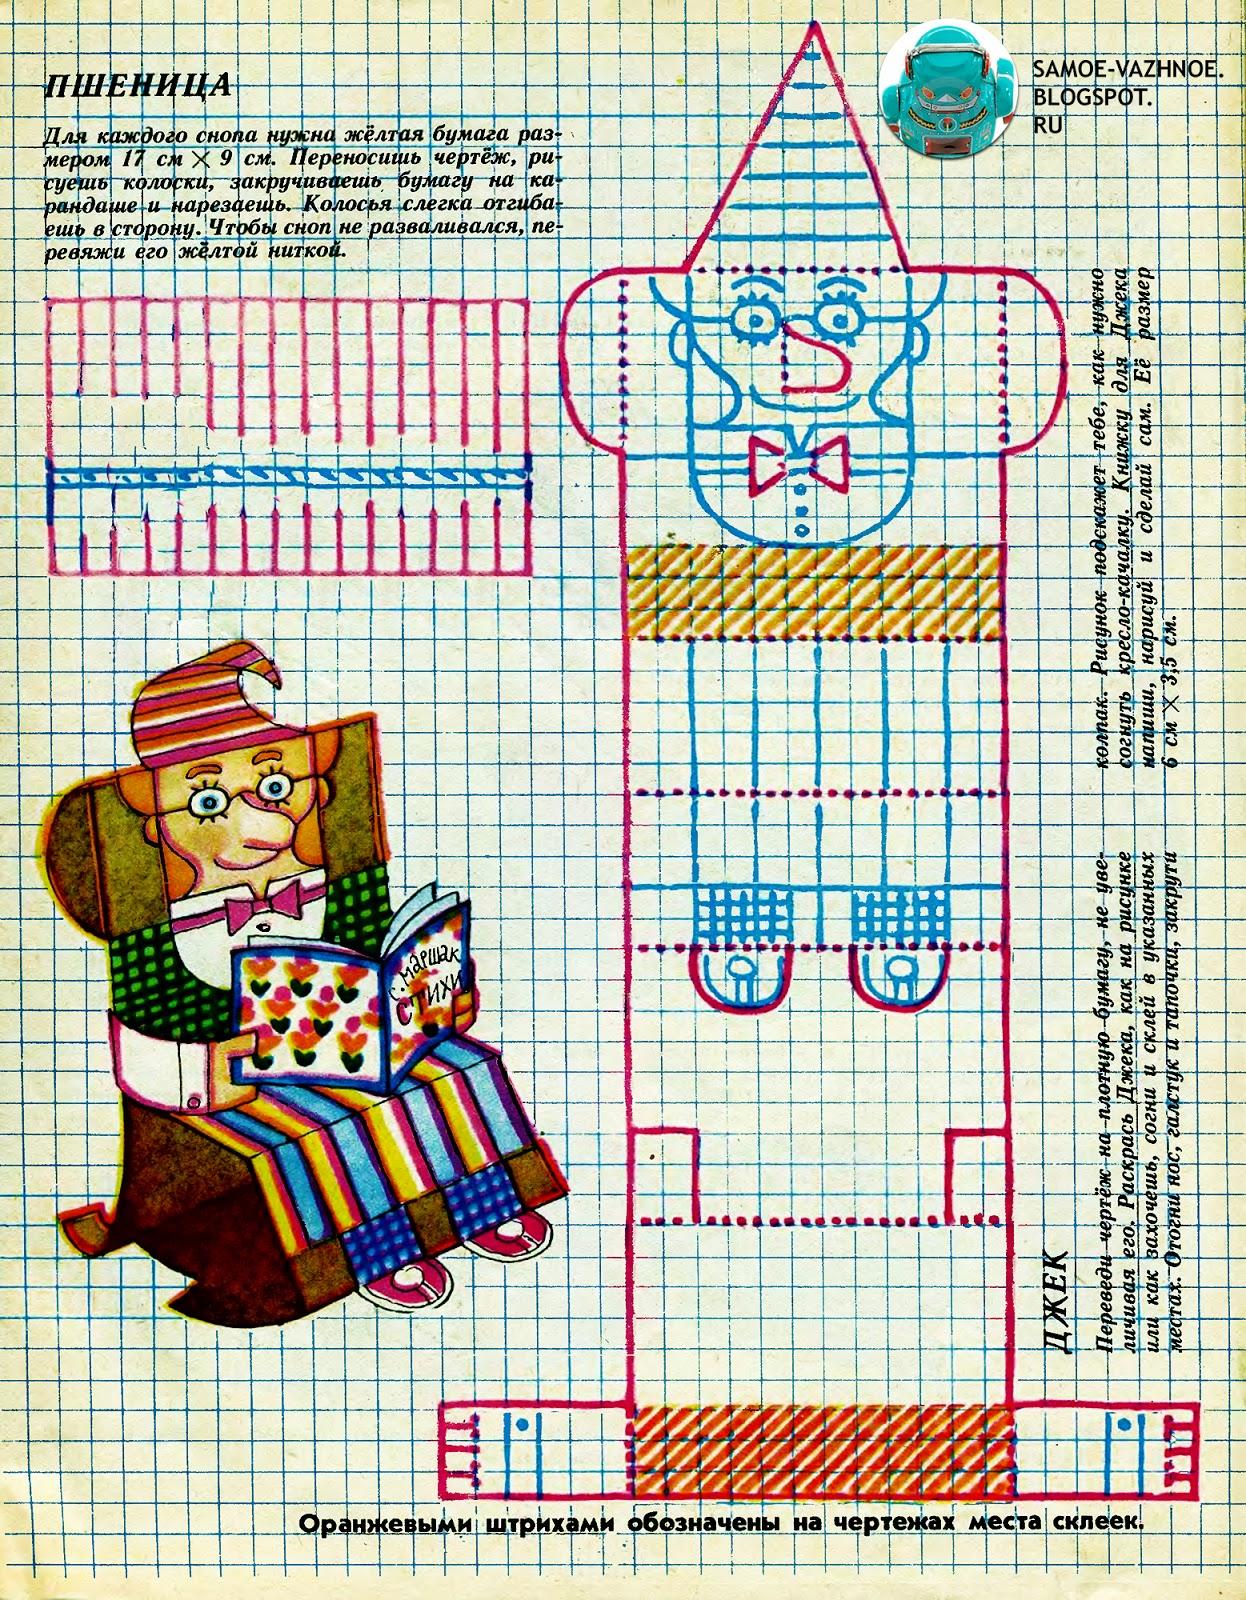 ДЖЕК. дом который построил джек веселые картинки (№2, 1987)